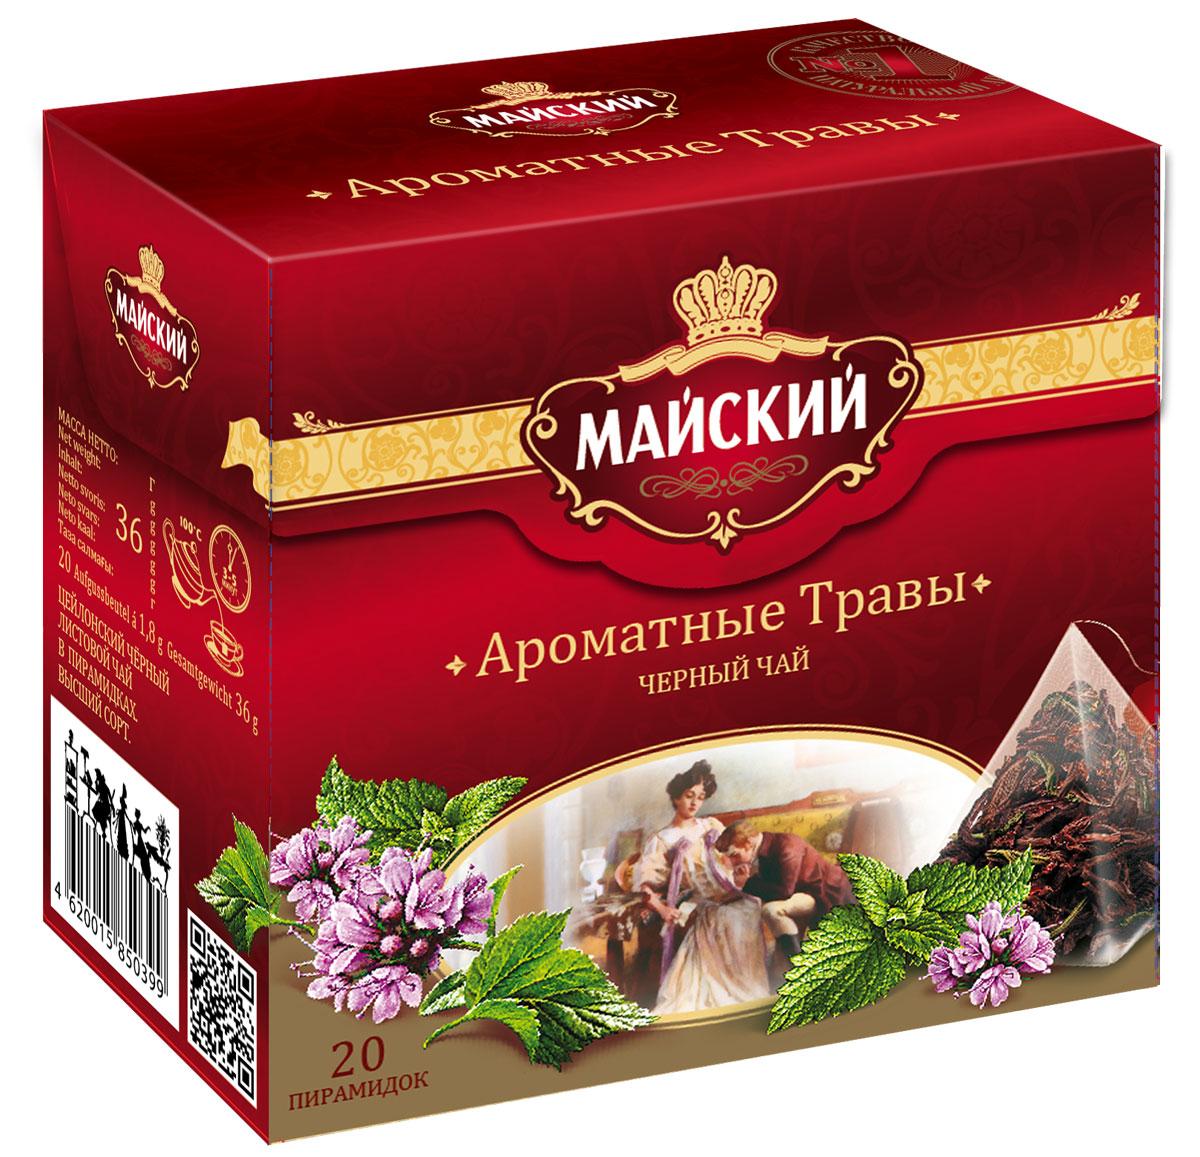 Майский Ароматные травы черный чай в пирамидках, 20 шт майский лесные ягоды черный чай в пирамидках 20 шт